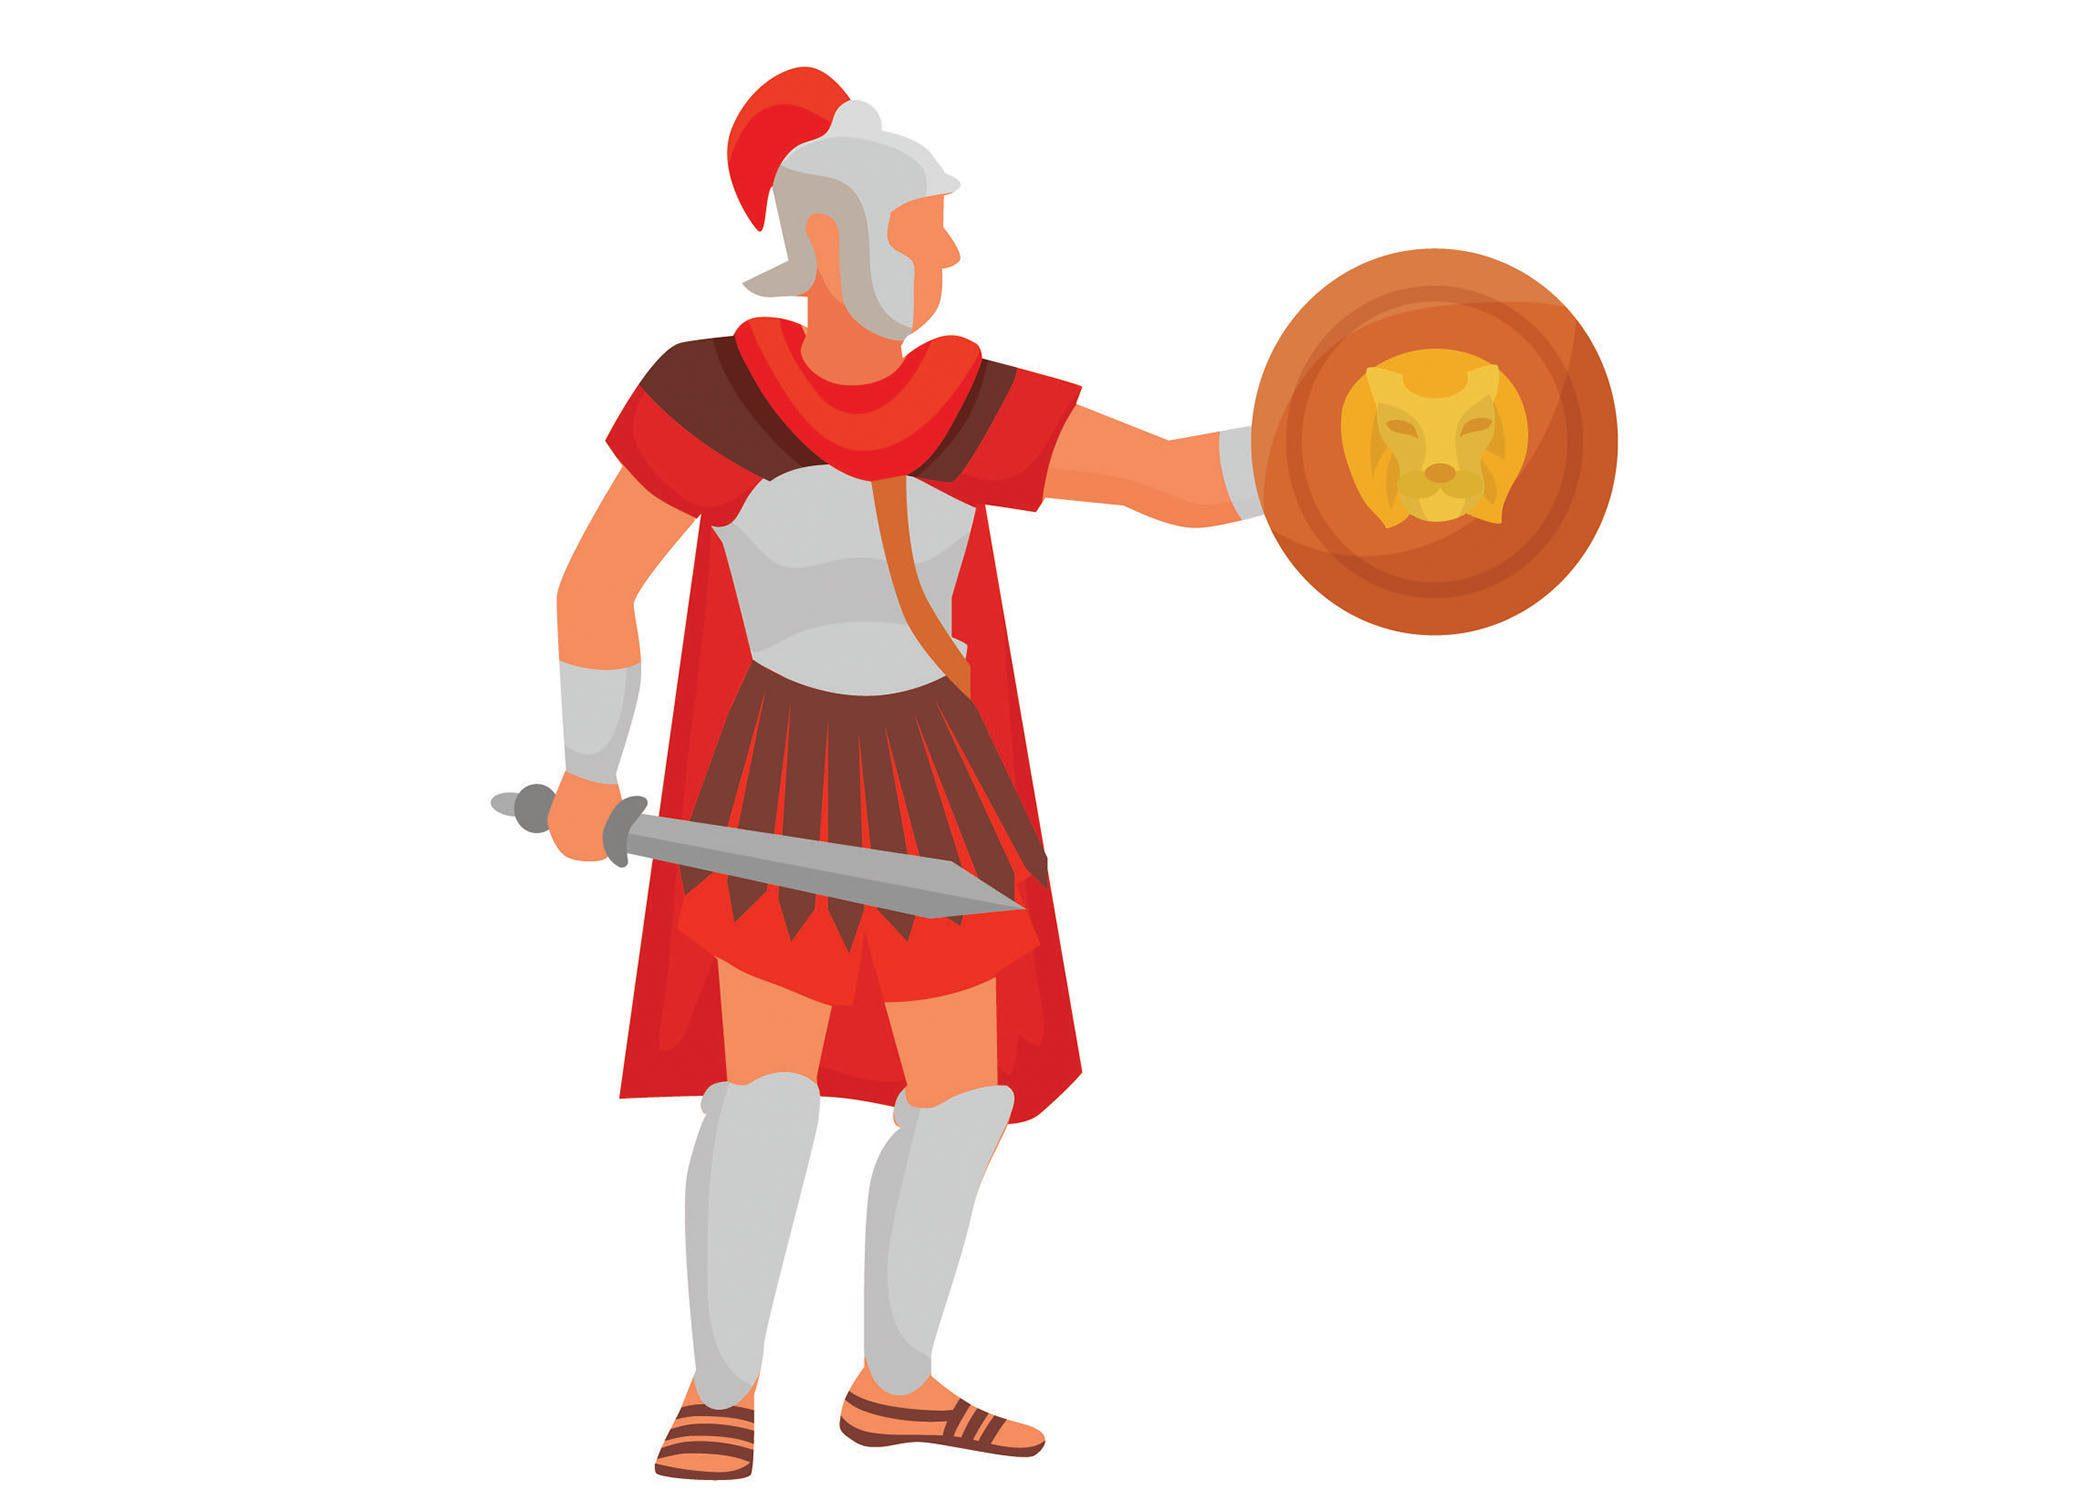 Gallus gladiator in ancient Rome